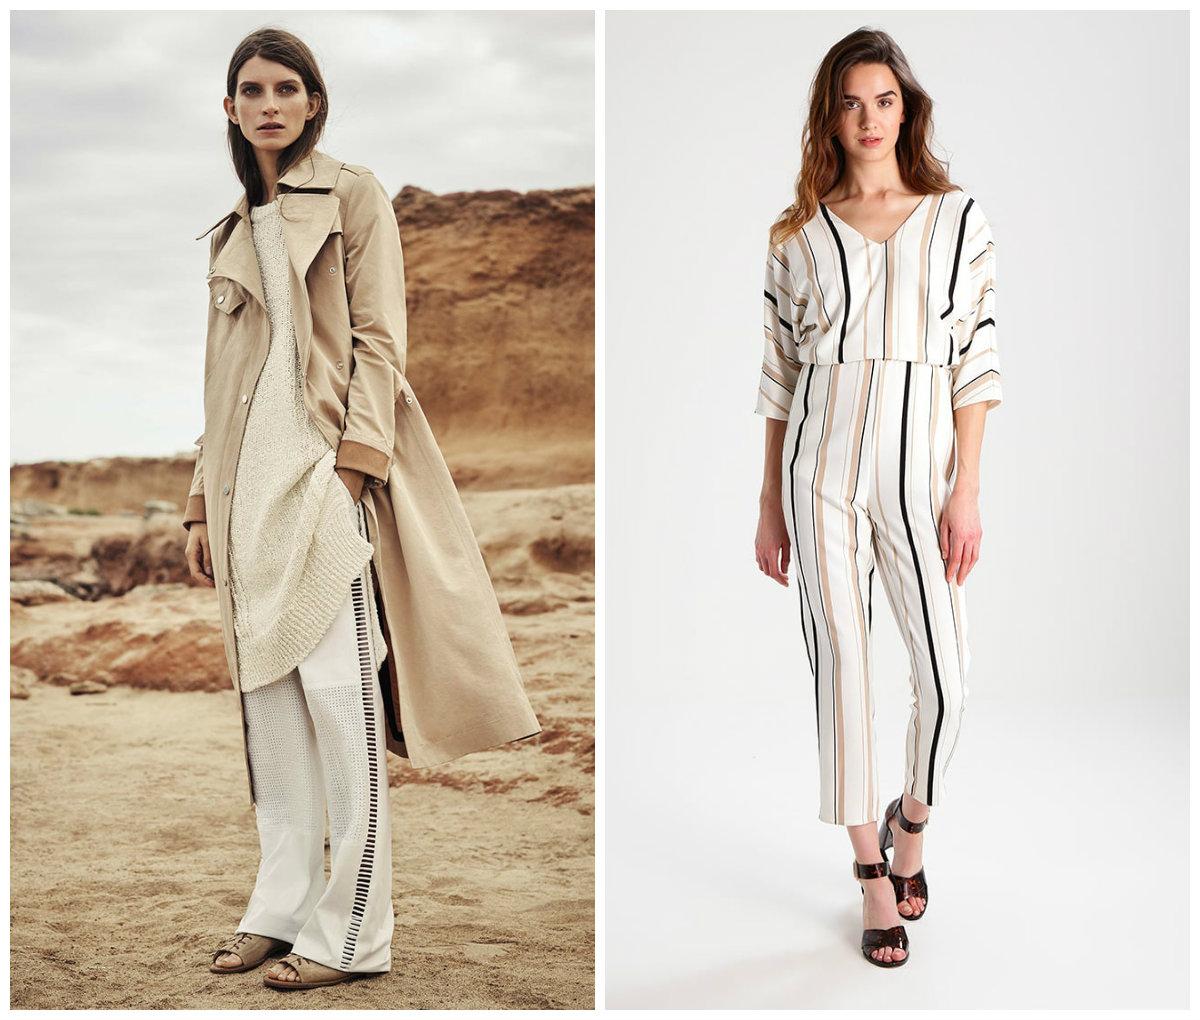 Брюки женские 2019 года: модные тенденции в области принта